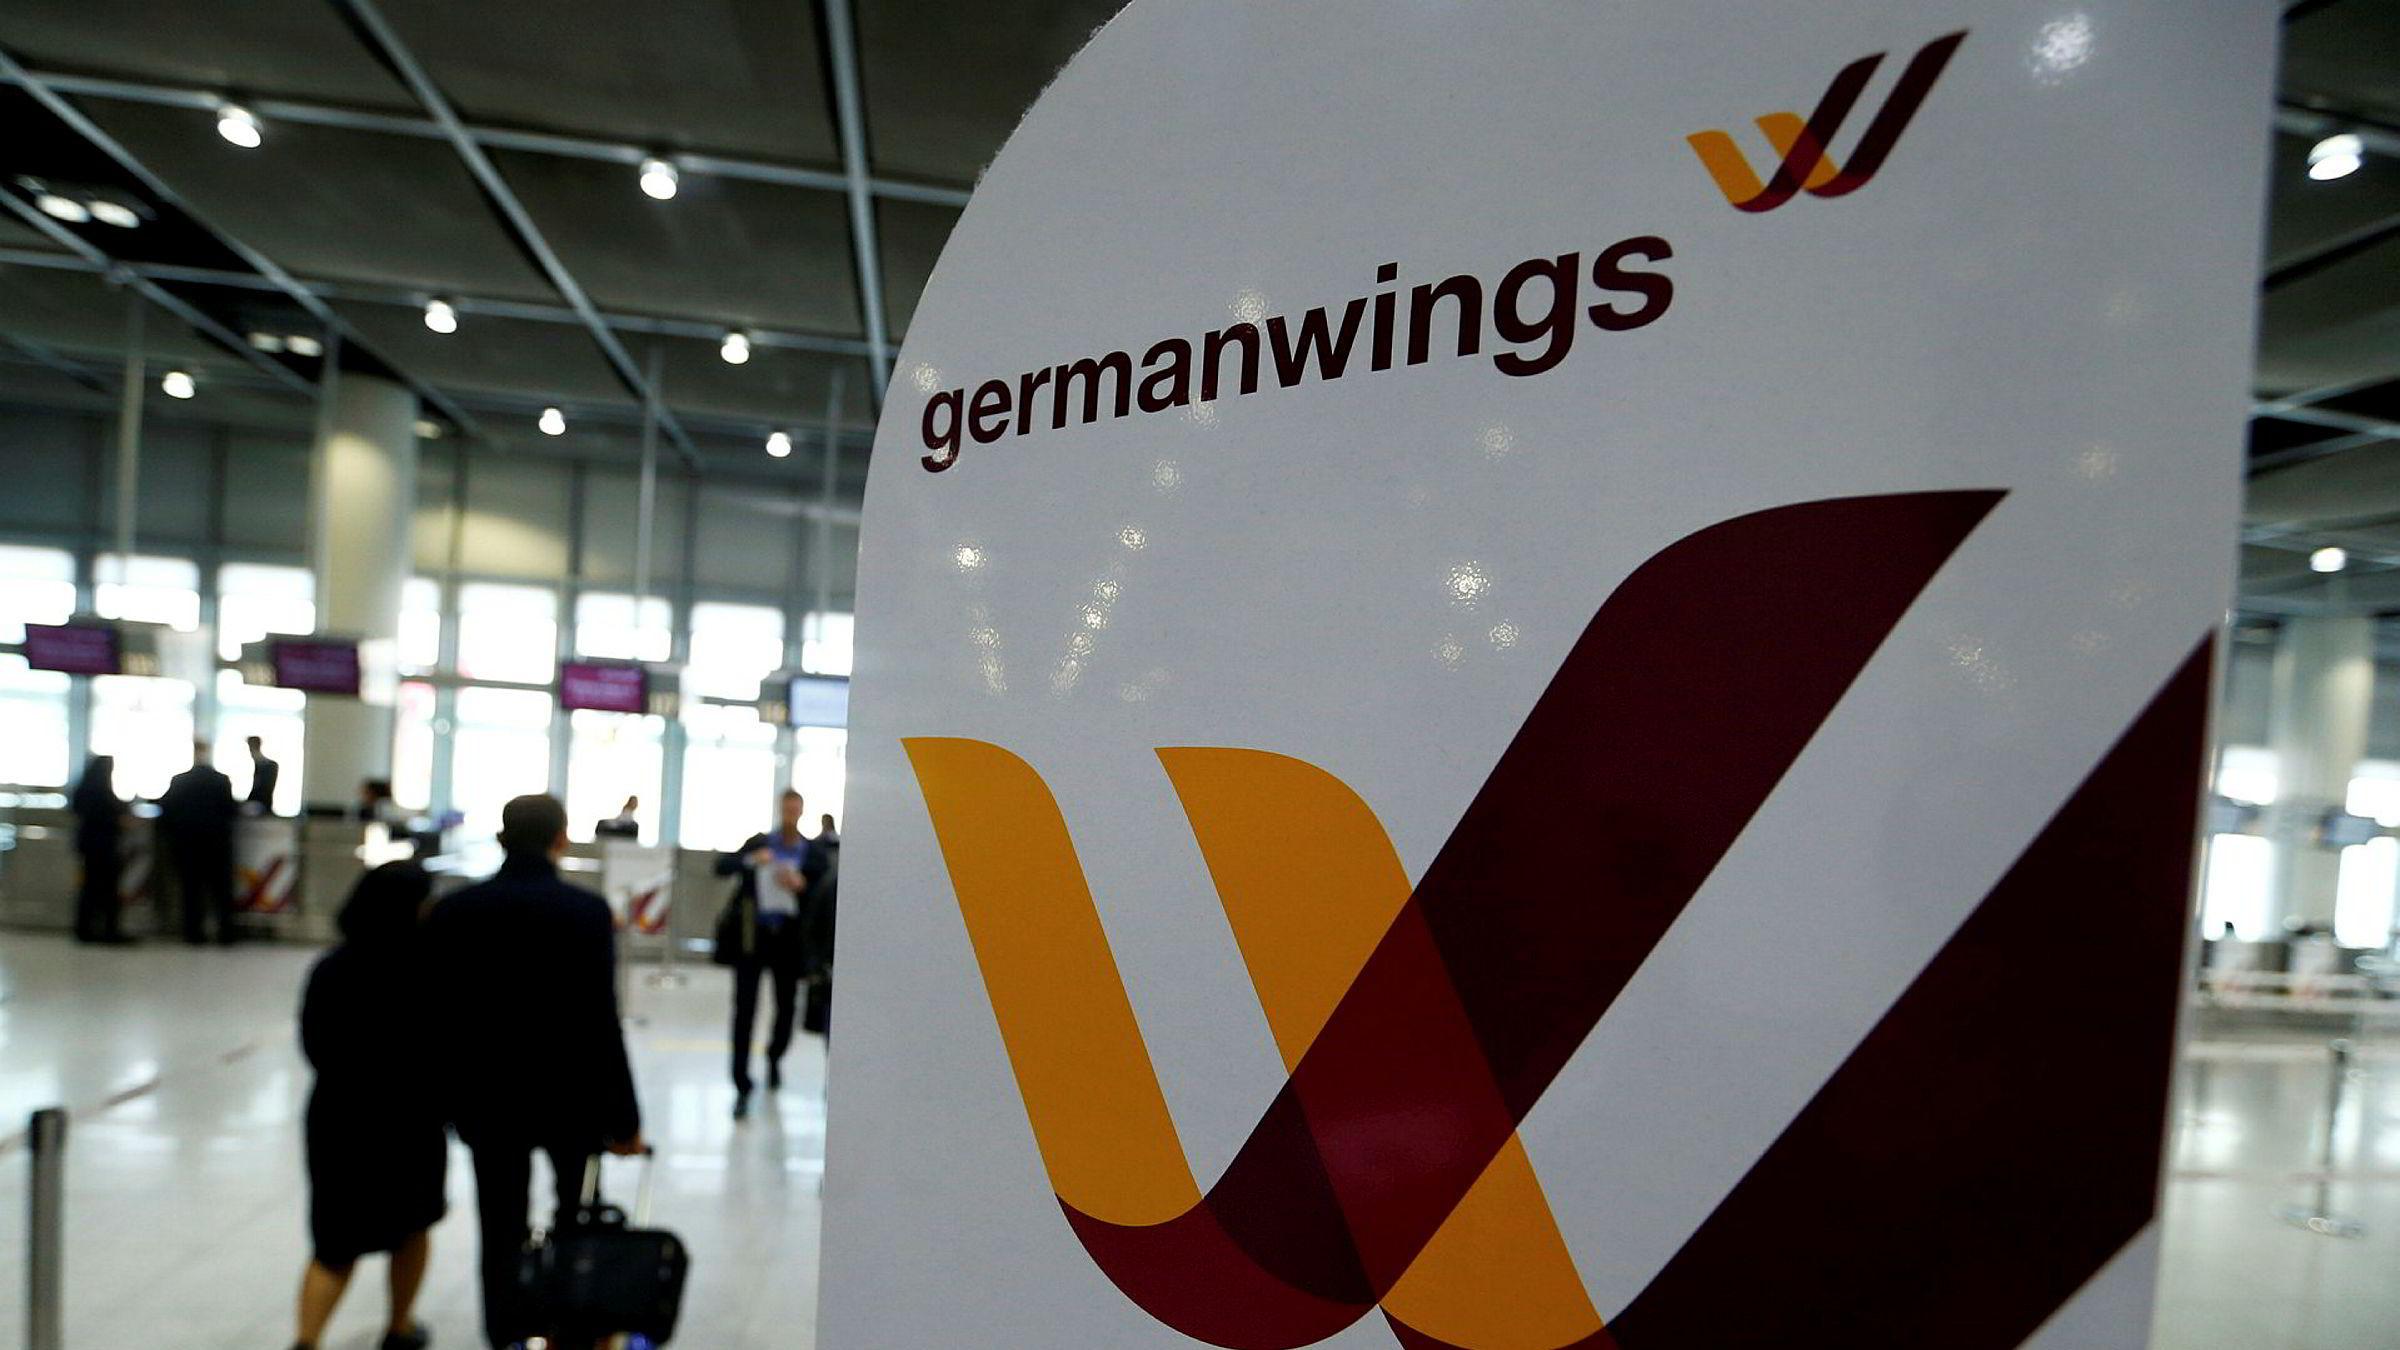 Flesteparten av de innstilte avgangene er innenriksflyvninger i Tyskland, men også noen ruter til Østerrike og Sveits blir rammet.